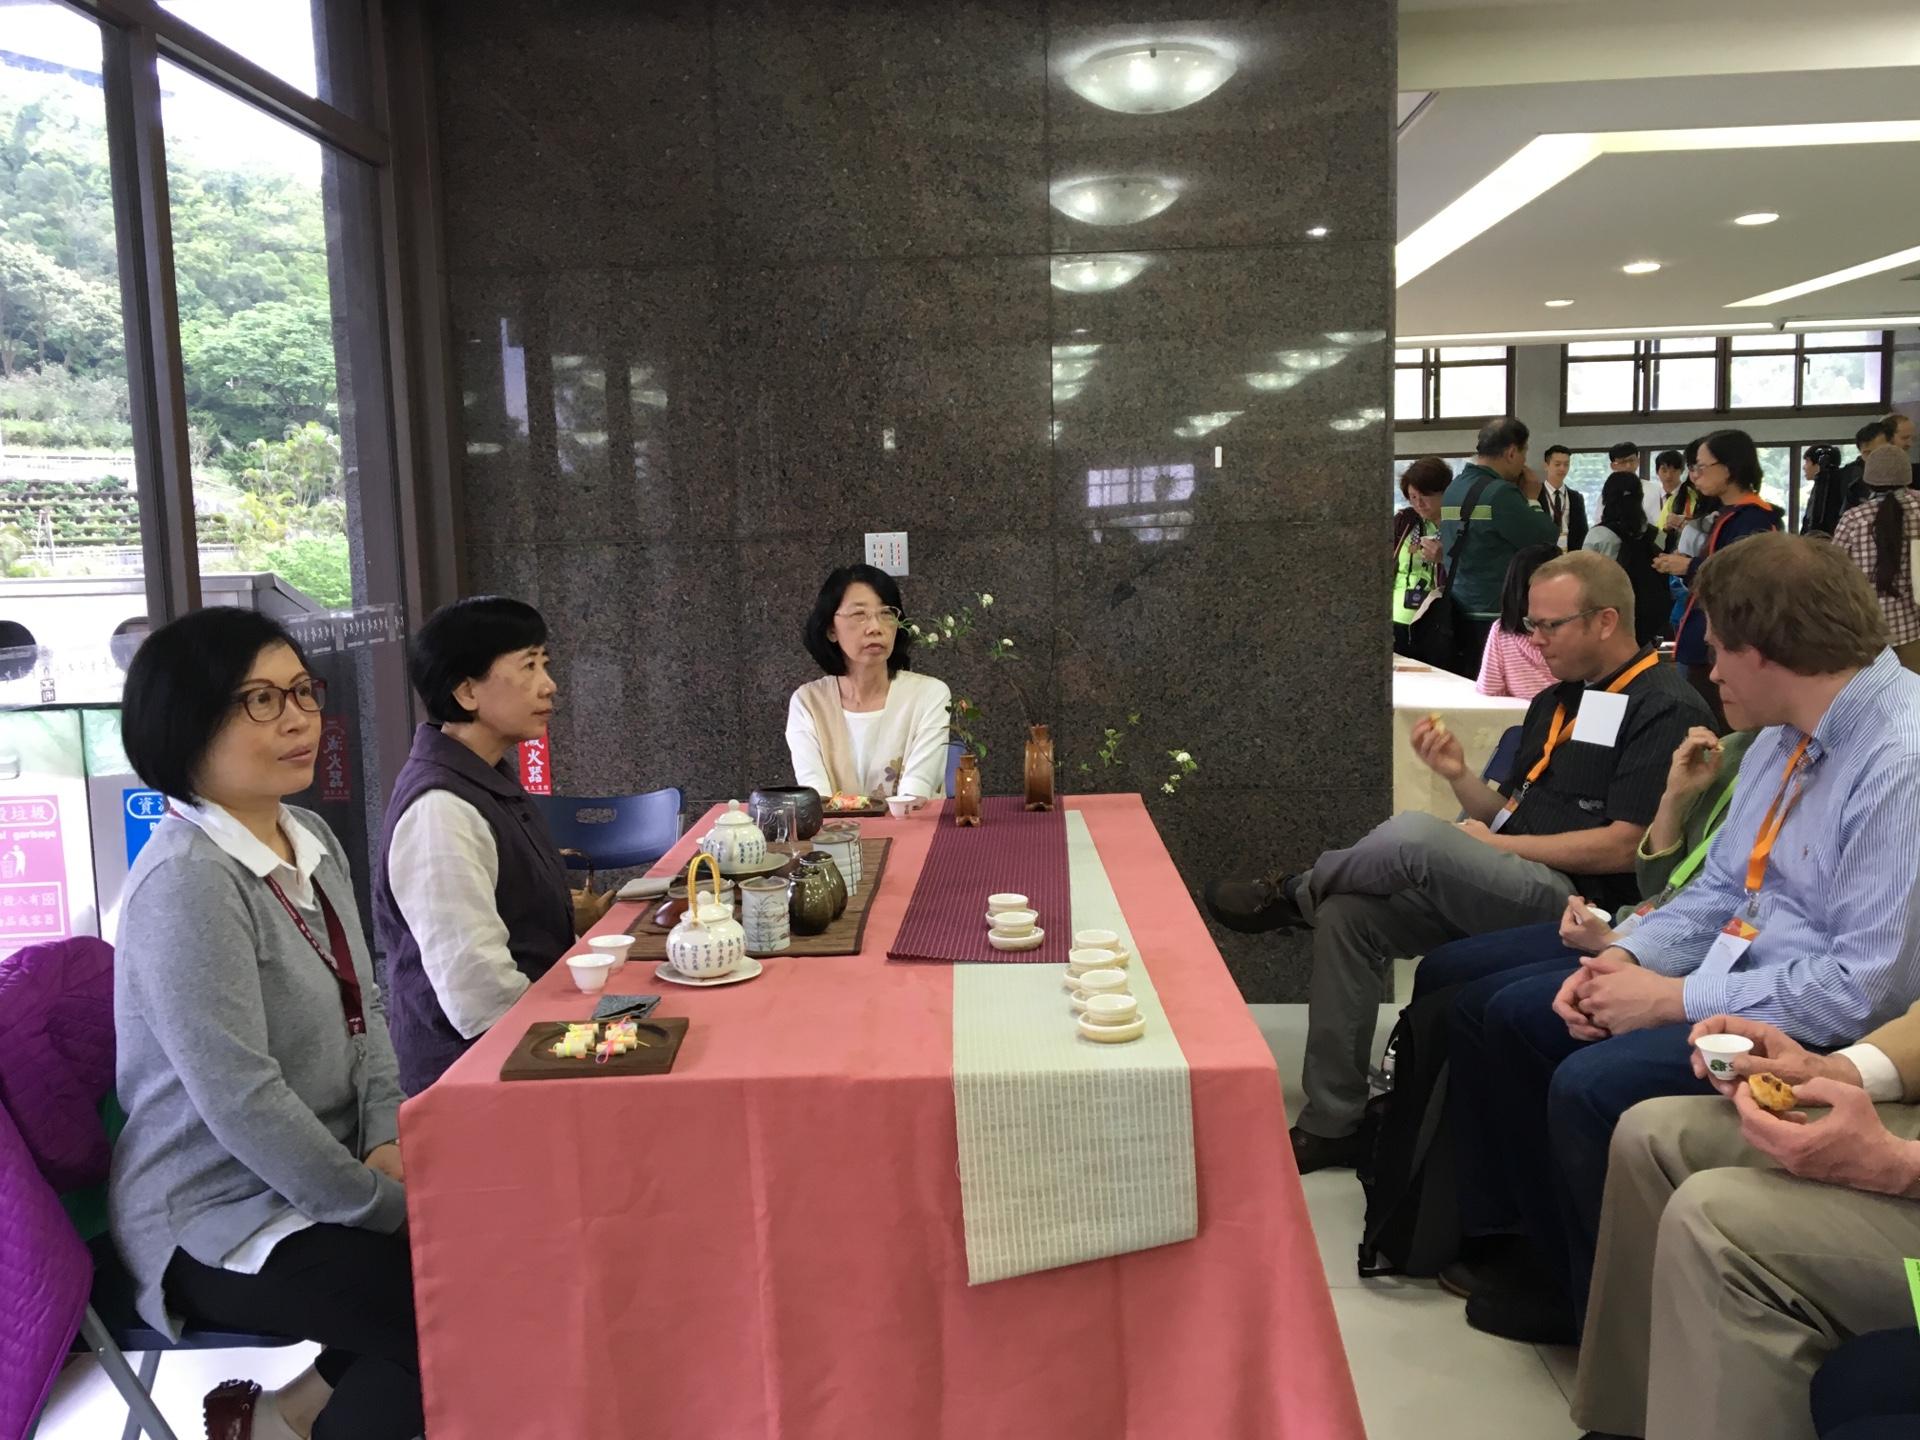 (圖3) 提供各國茶飲外更讓外國學者體驗中國茶道文化